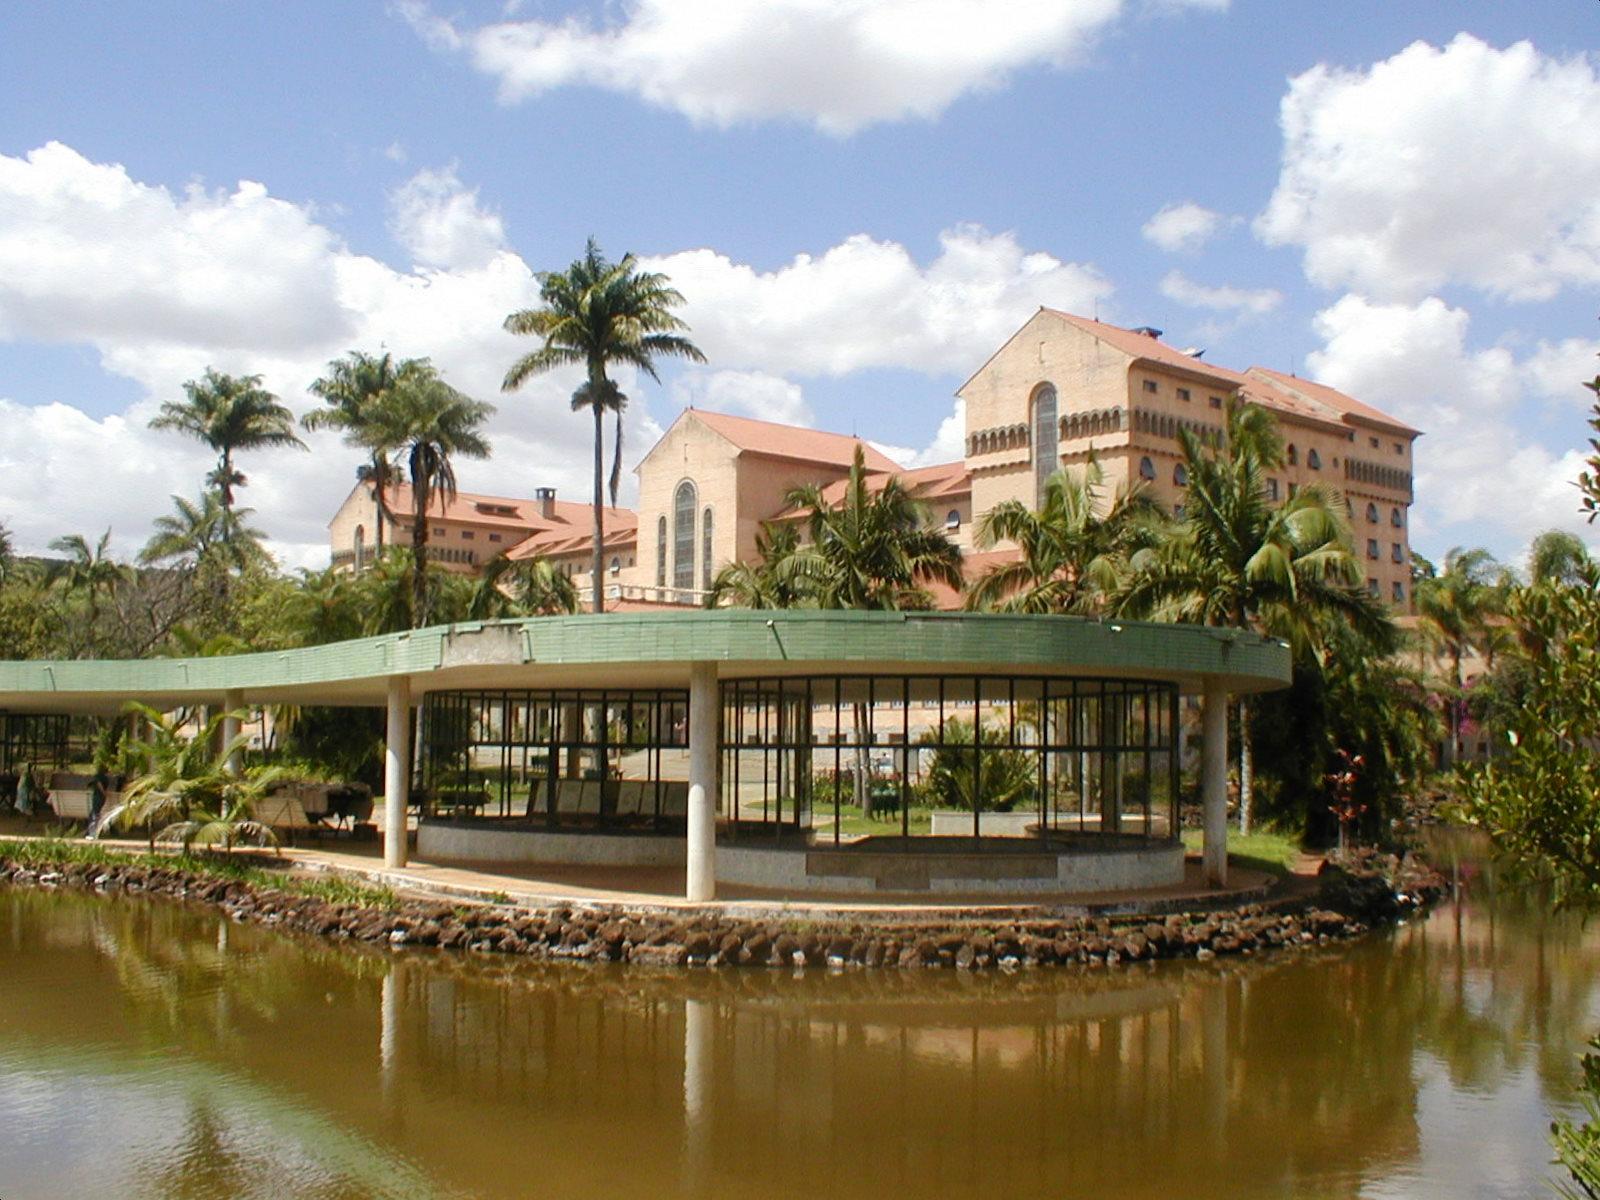 Grande Hotel Araxá (Luiz Signorelli, 1936), Fonte Andrade Júnior (Francisco Bolonha, 1945), Paisagismo de Roberto Burle-Marx